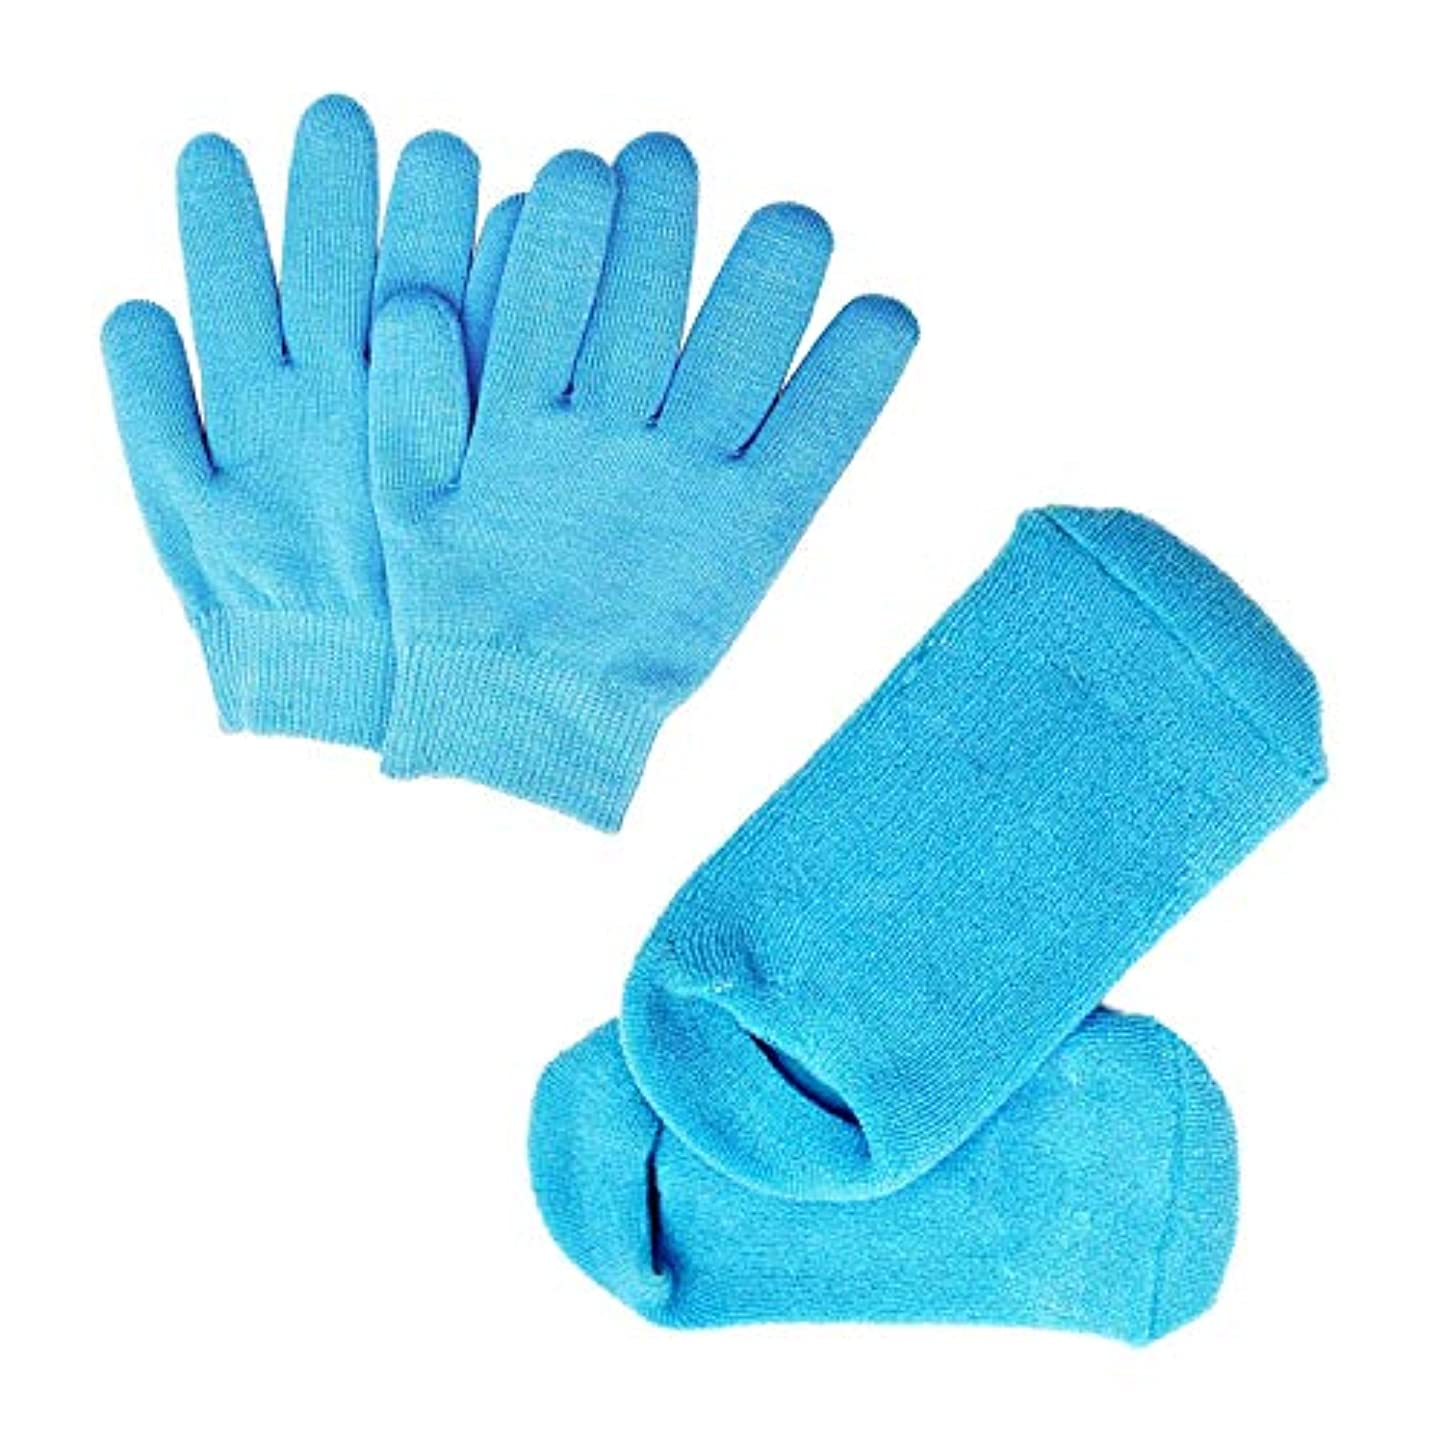 酔った不倫日焼けPinkiou 眠る森のSPAジェルグローブ/SPAジェルソックス ハンドケアグローブ/フットケアソックス 角質取り 保湿 かかとケア オープントゥ 素肌美人 靴下と手袋 一セット スバ いいお肌になりましょう(ブルー)